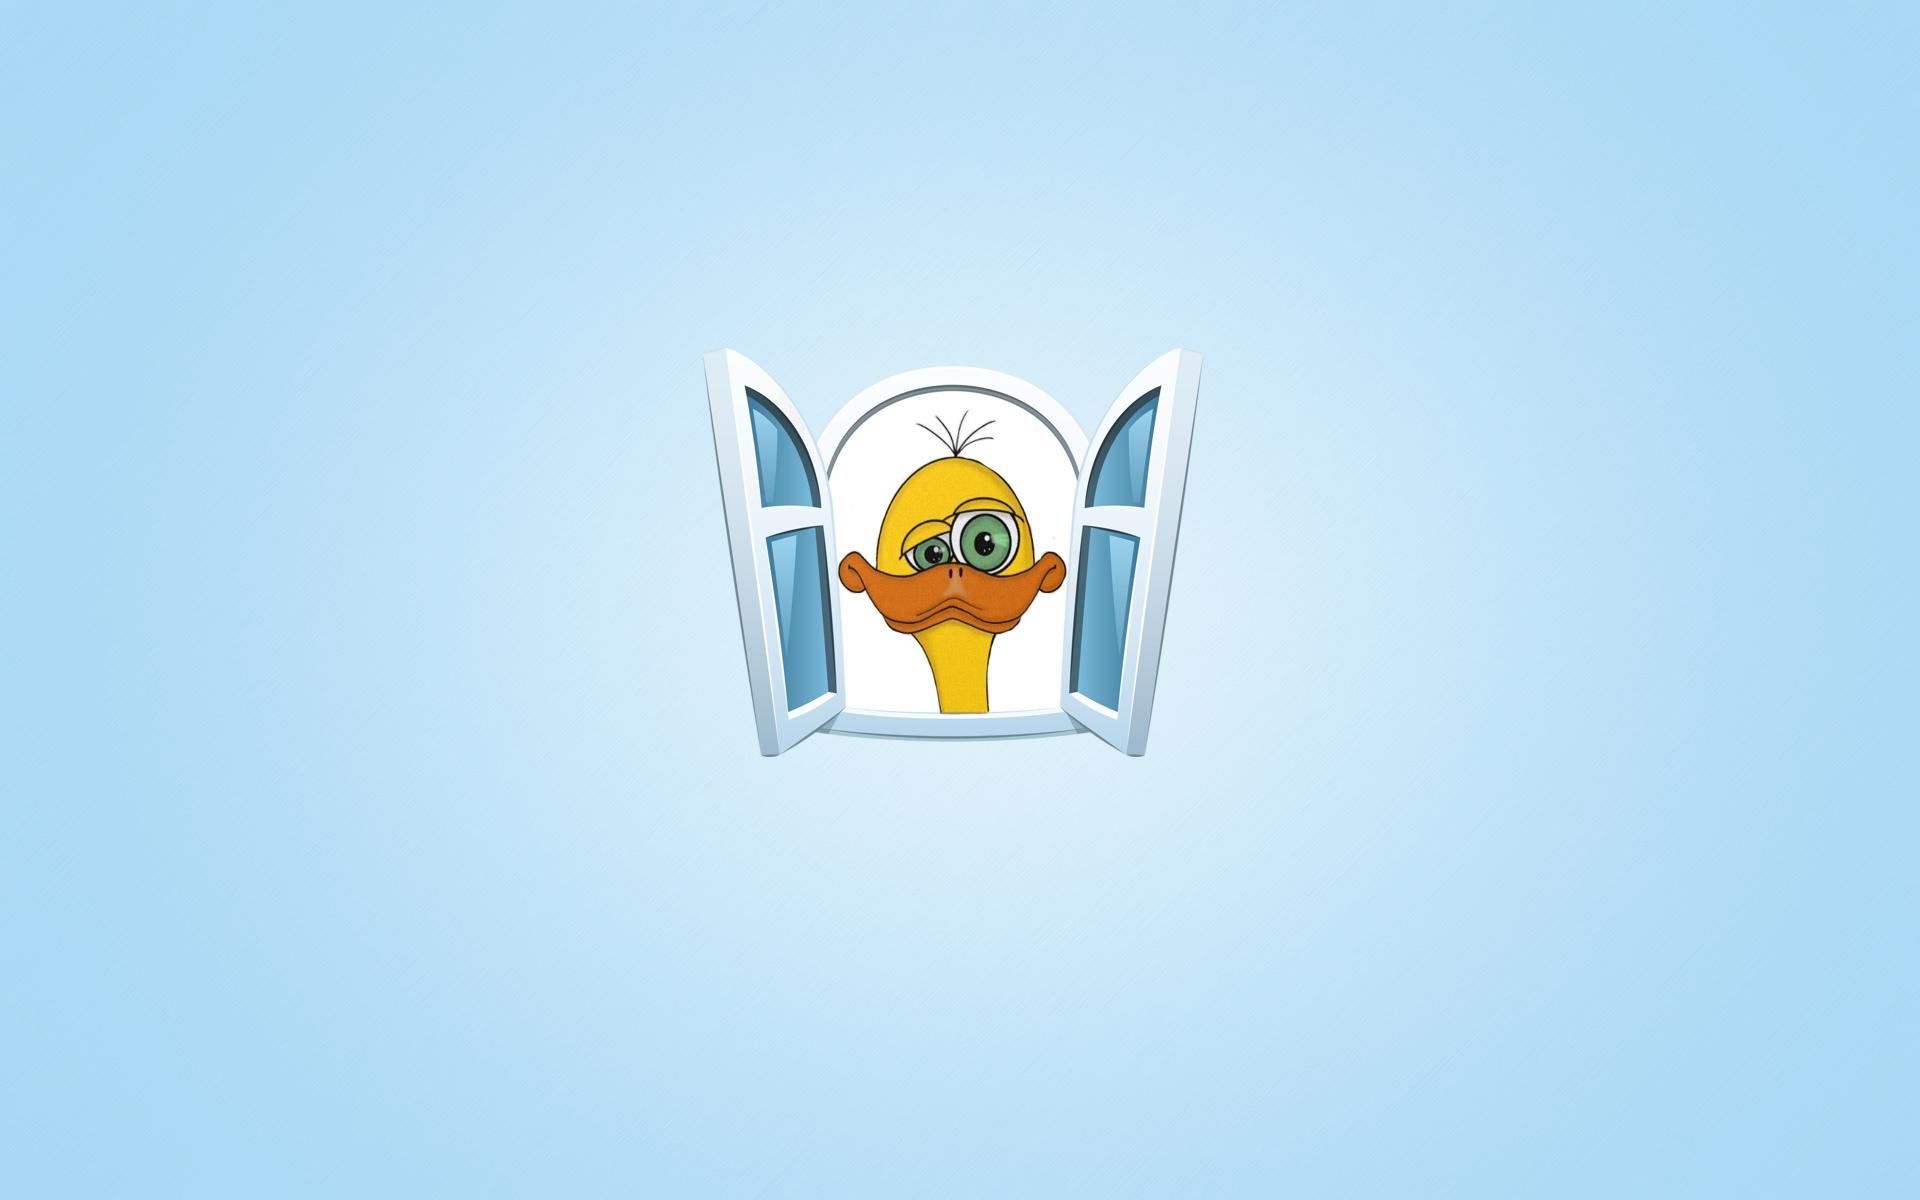 Wallpaper Drawing Illustration Logo Cartoon Sad Duck Brand